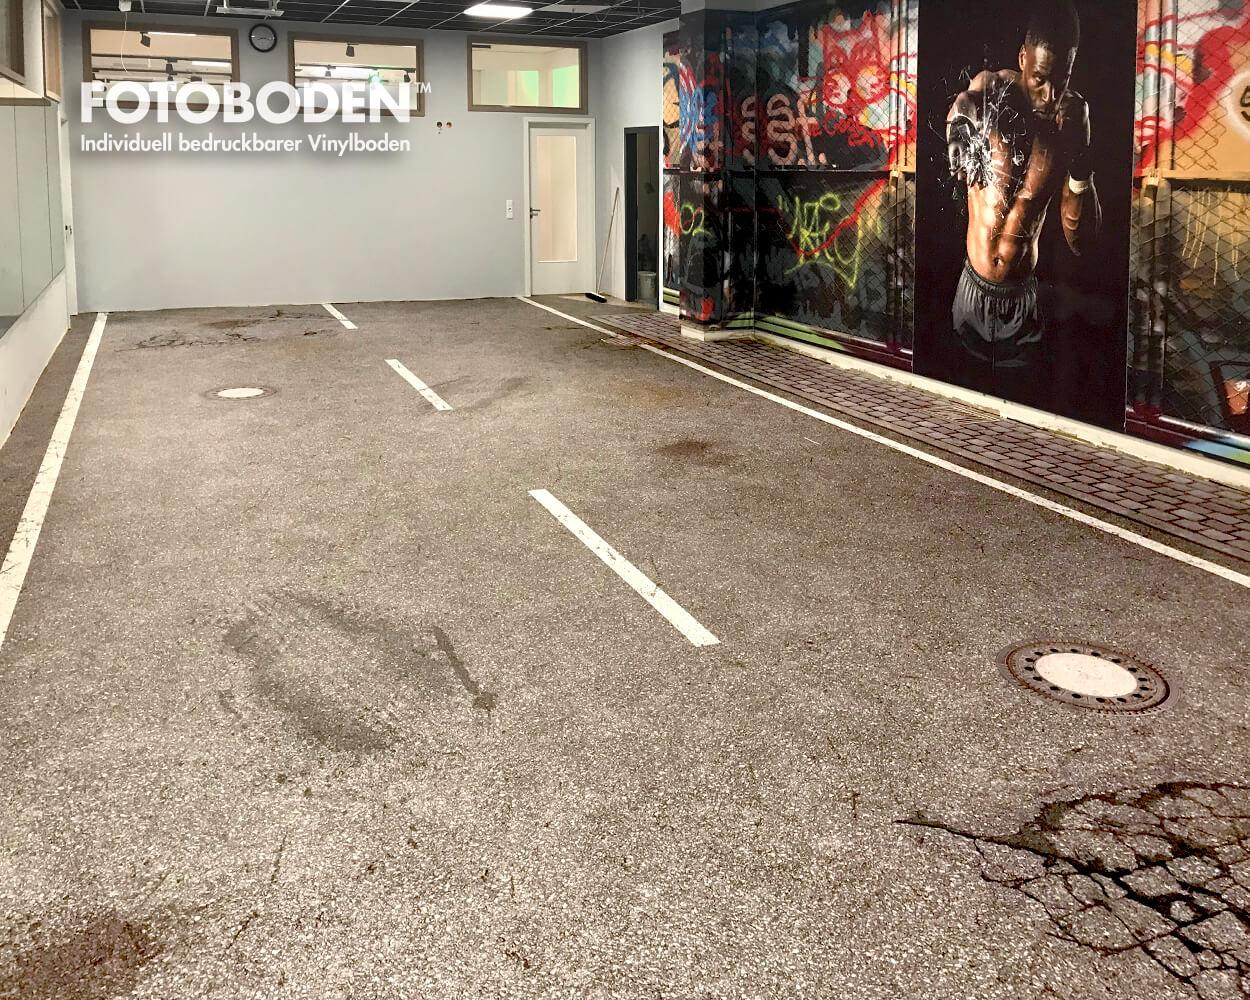 Straßenboden design mit Gullideckel